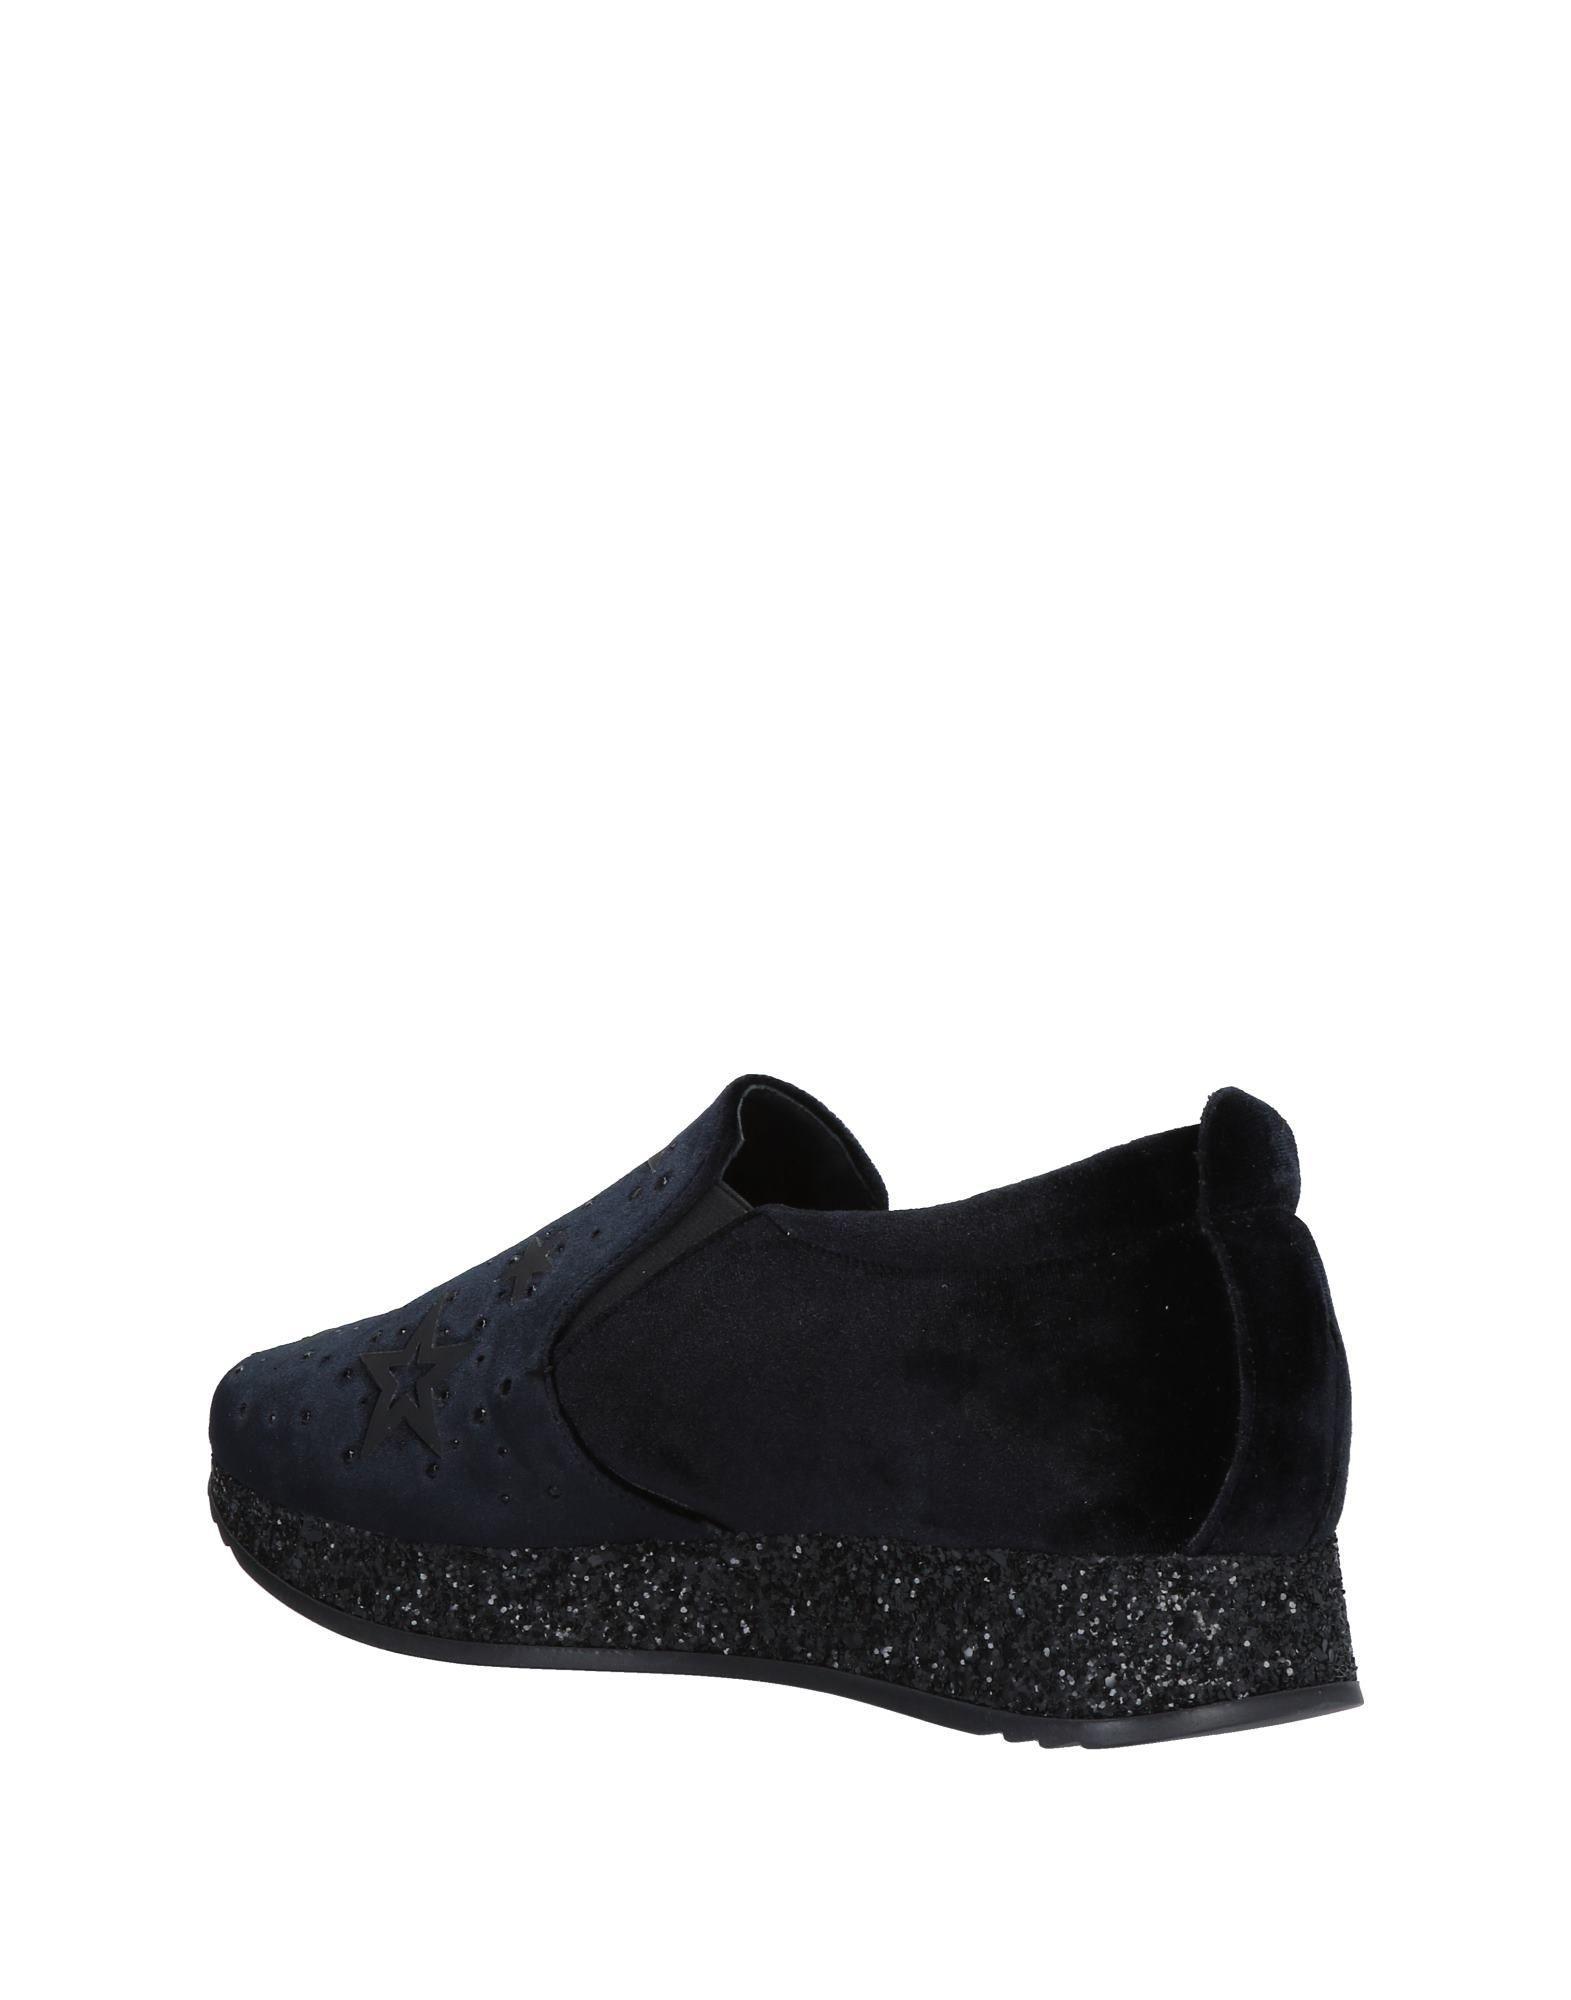 Lea-Gu Velvet Low-tops & Sneakers in Black